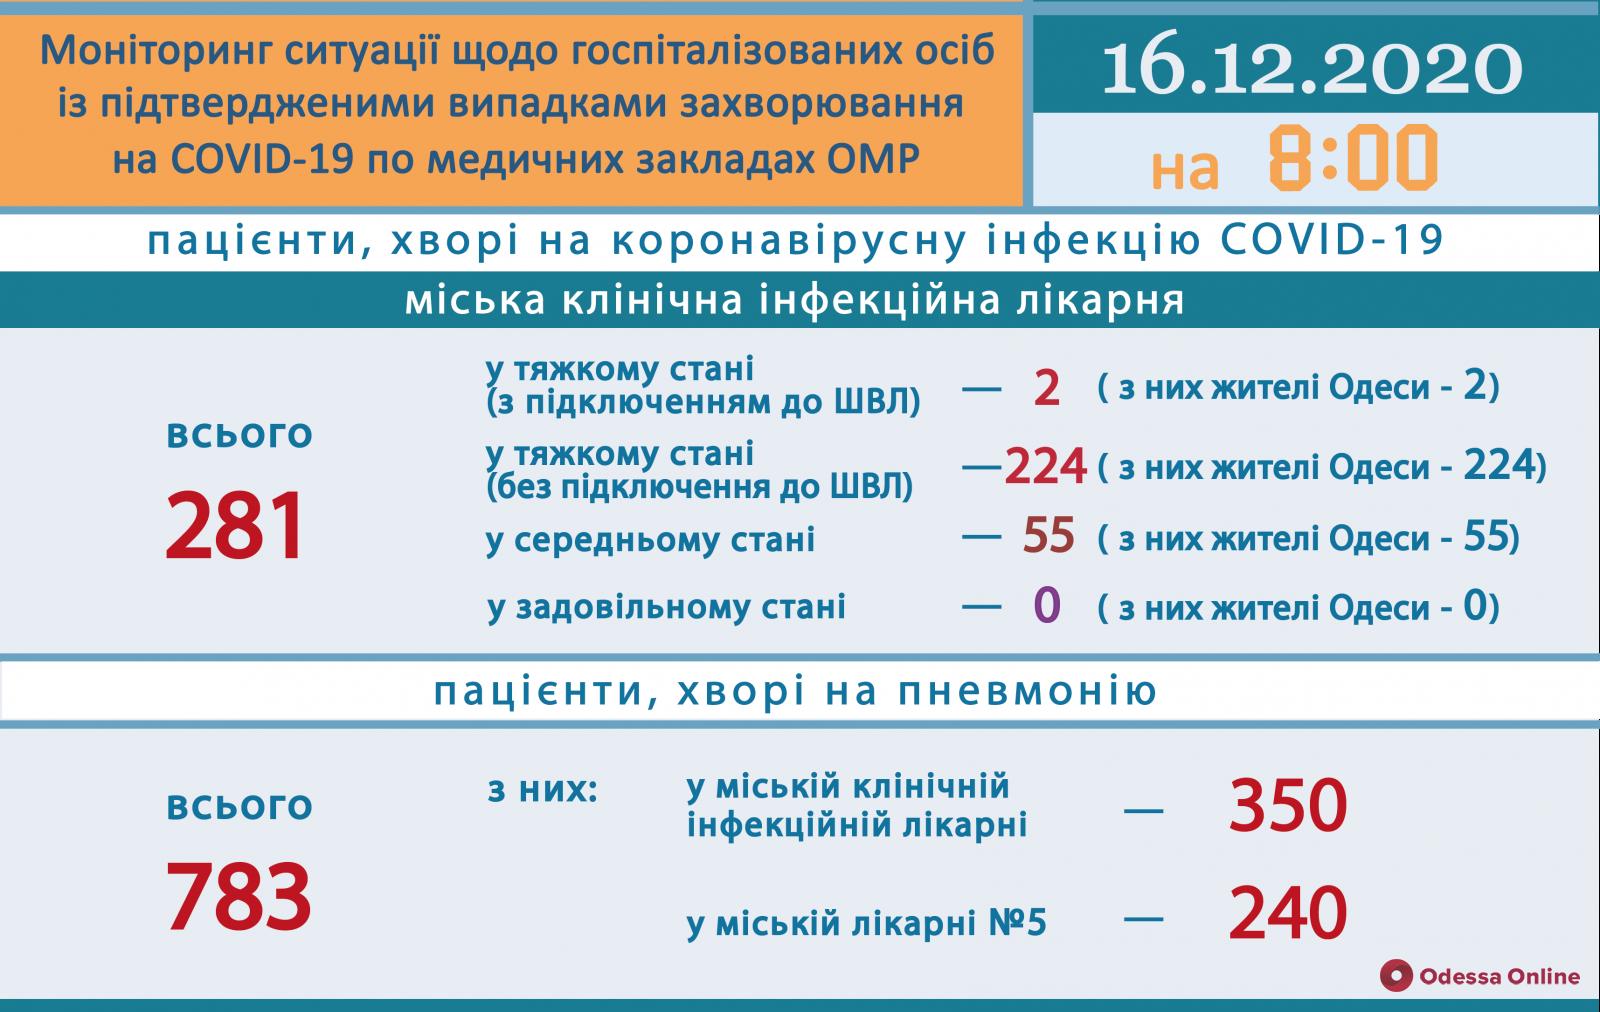 В Одесской области за сутки зарегистрировали 861 новый случай COVID-19